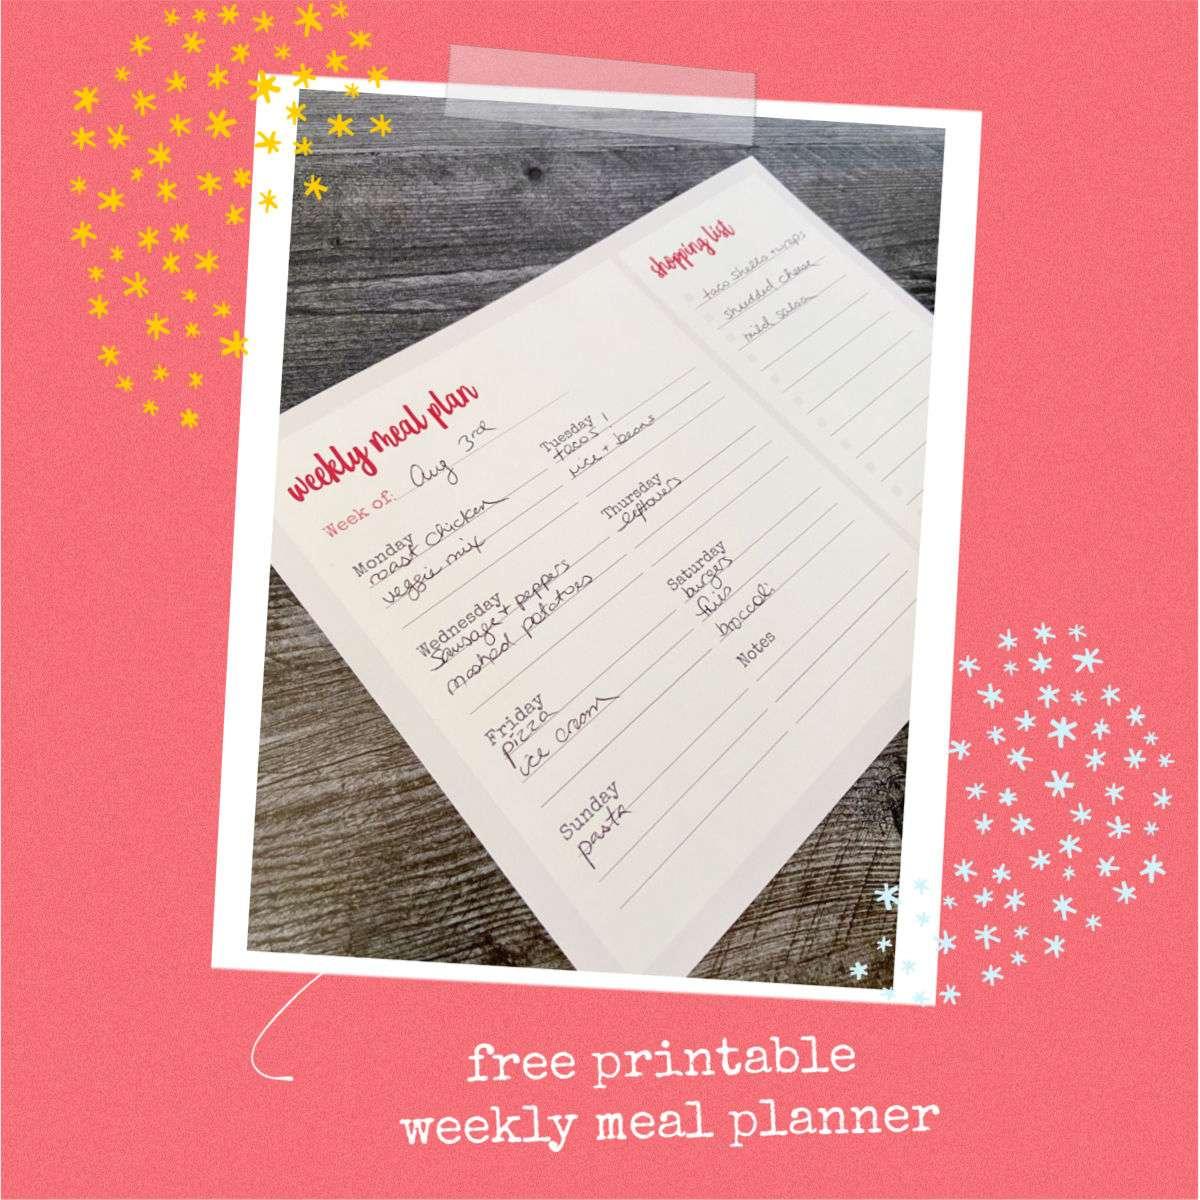 Free printable – weekly meal planner